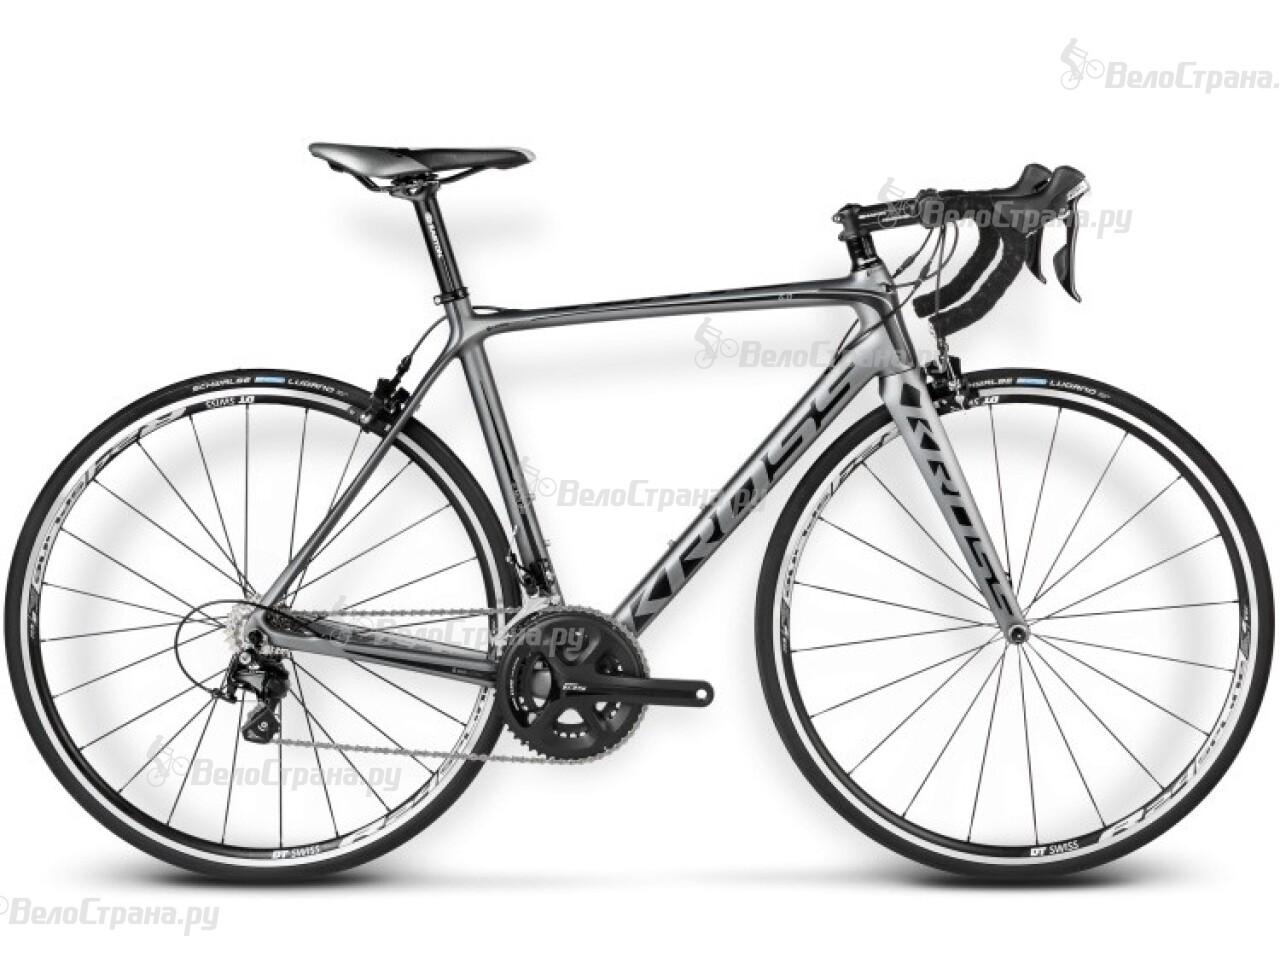 Велосипед Kross Vento 6.0 (2016) цена и фото